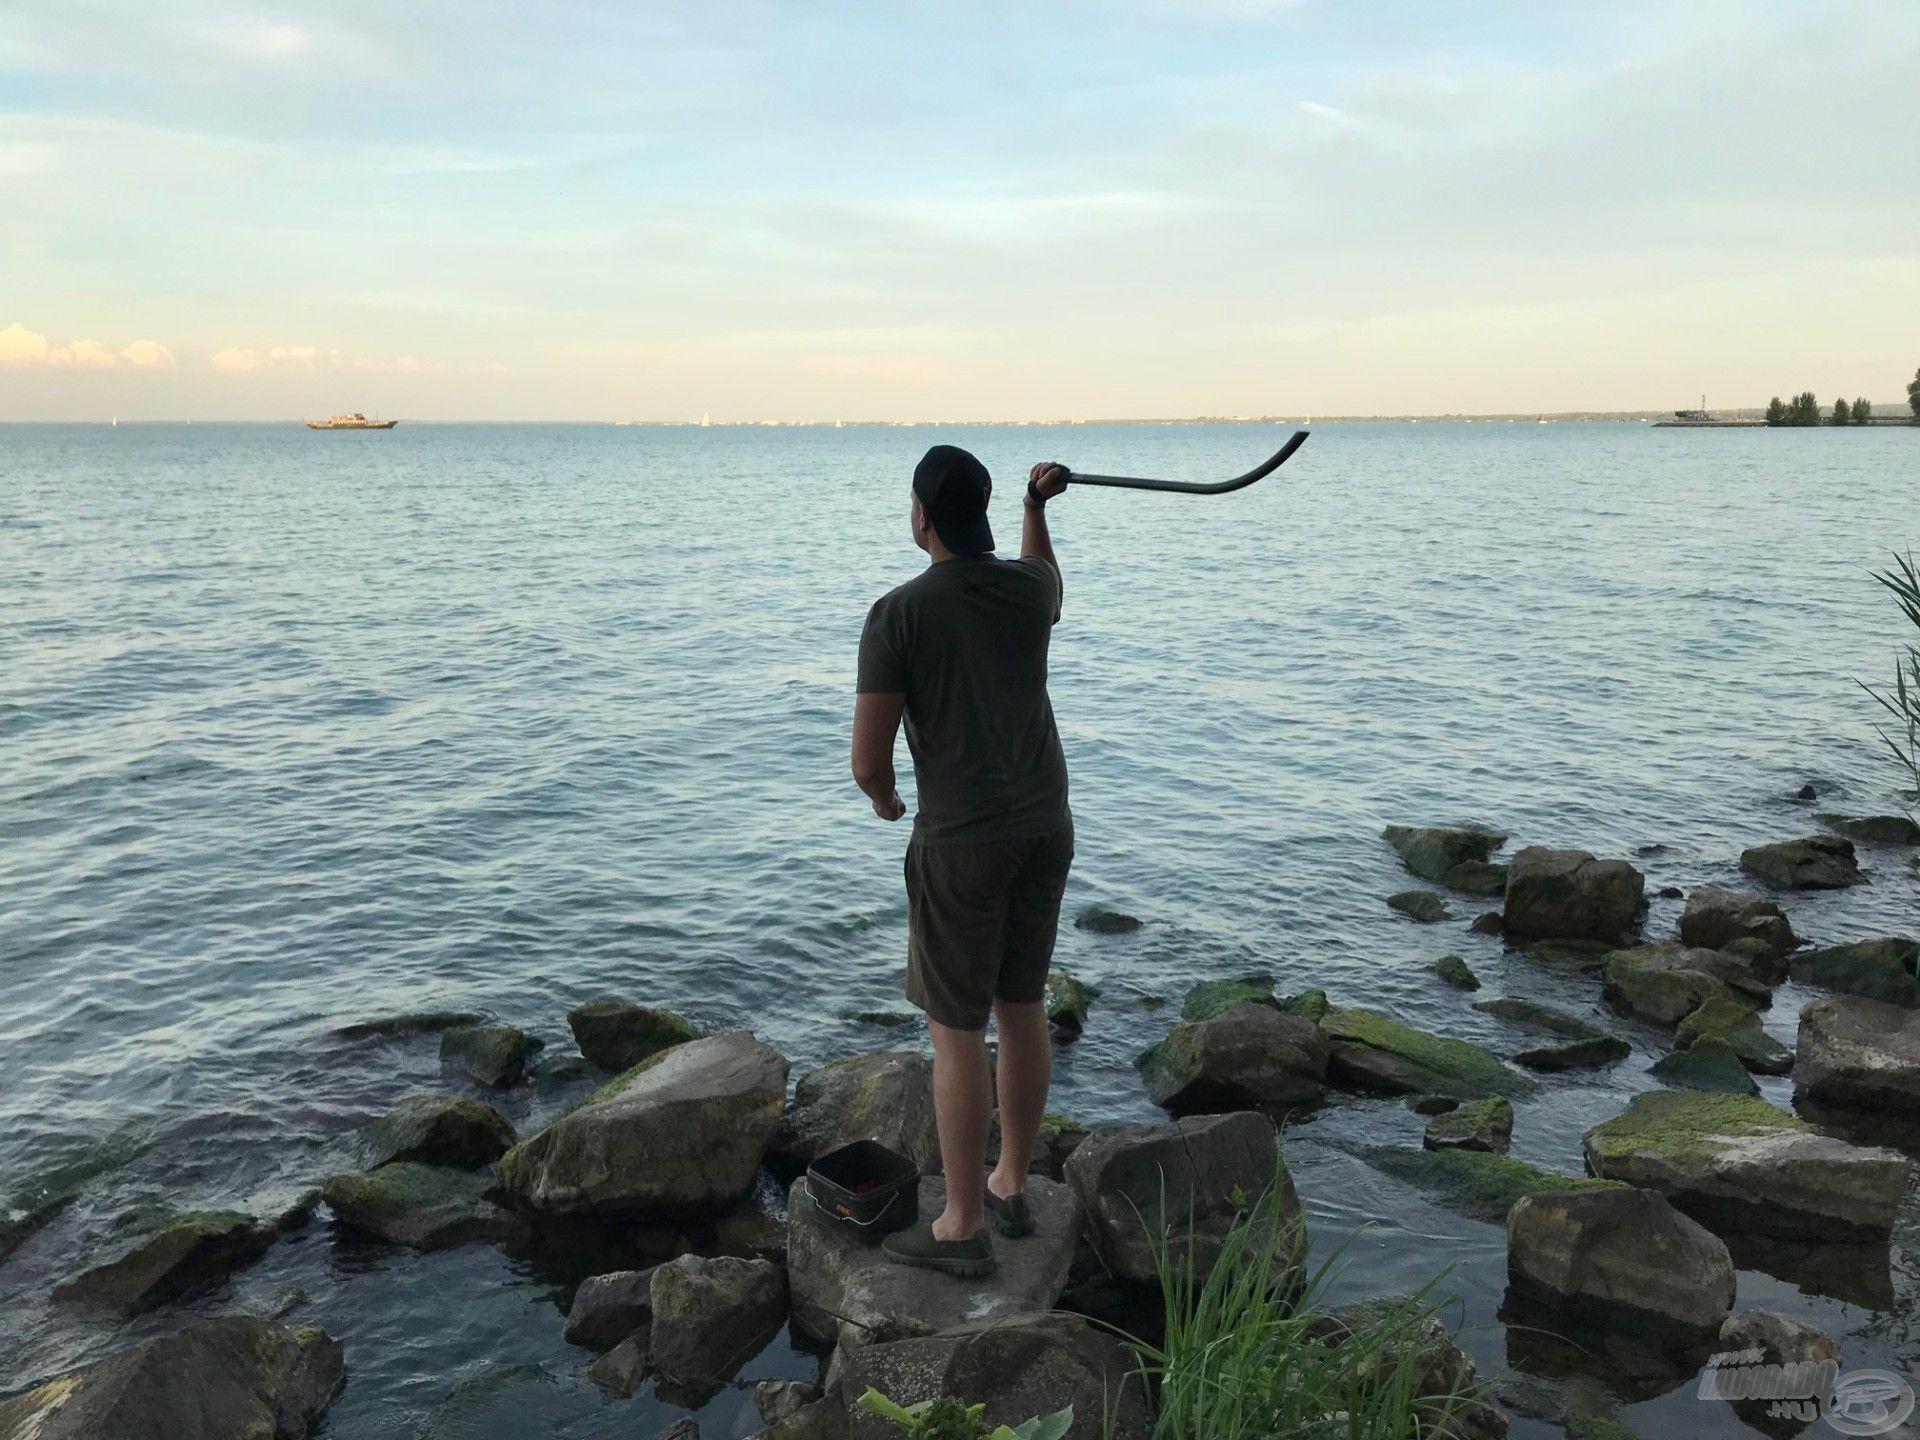 Tökéletesen megetethető vele a 80-90-100 méteres táv, ahova rendszerint partról horgászom